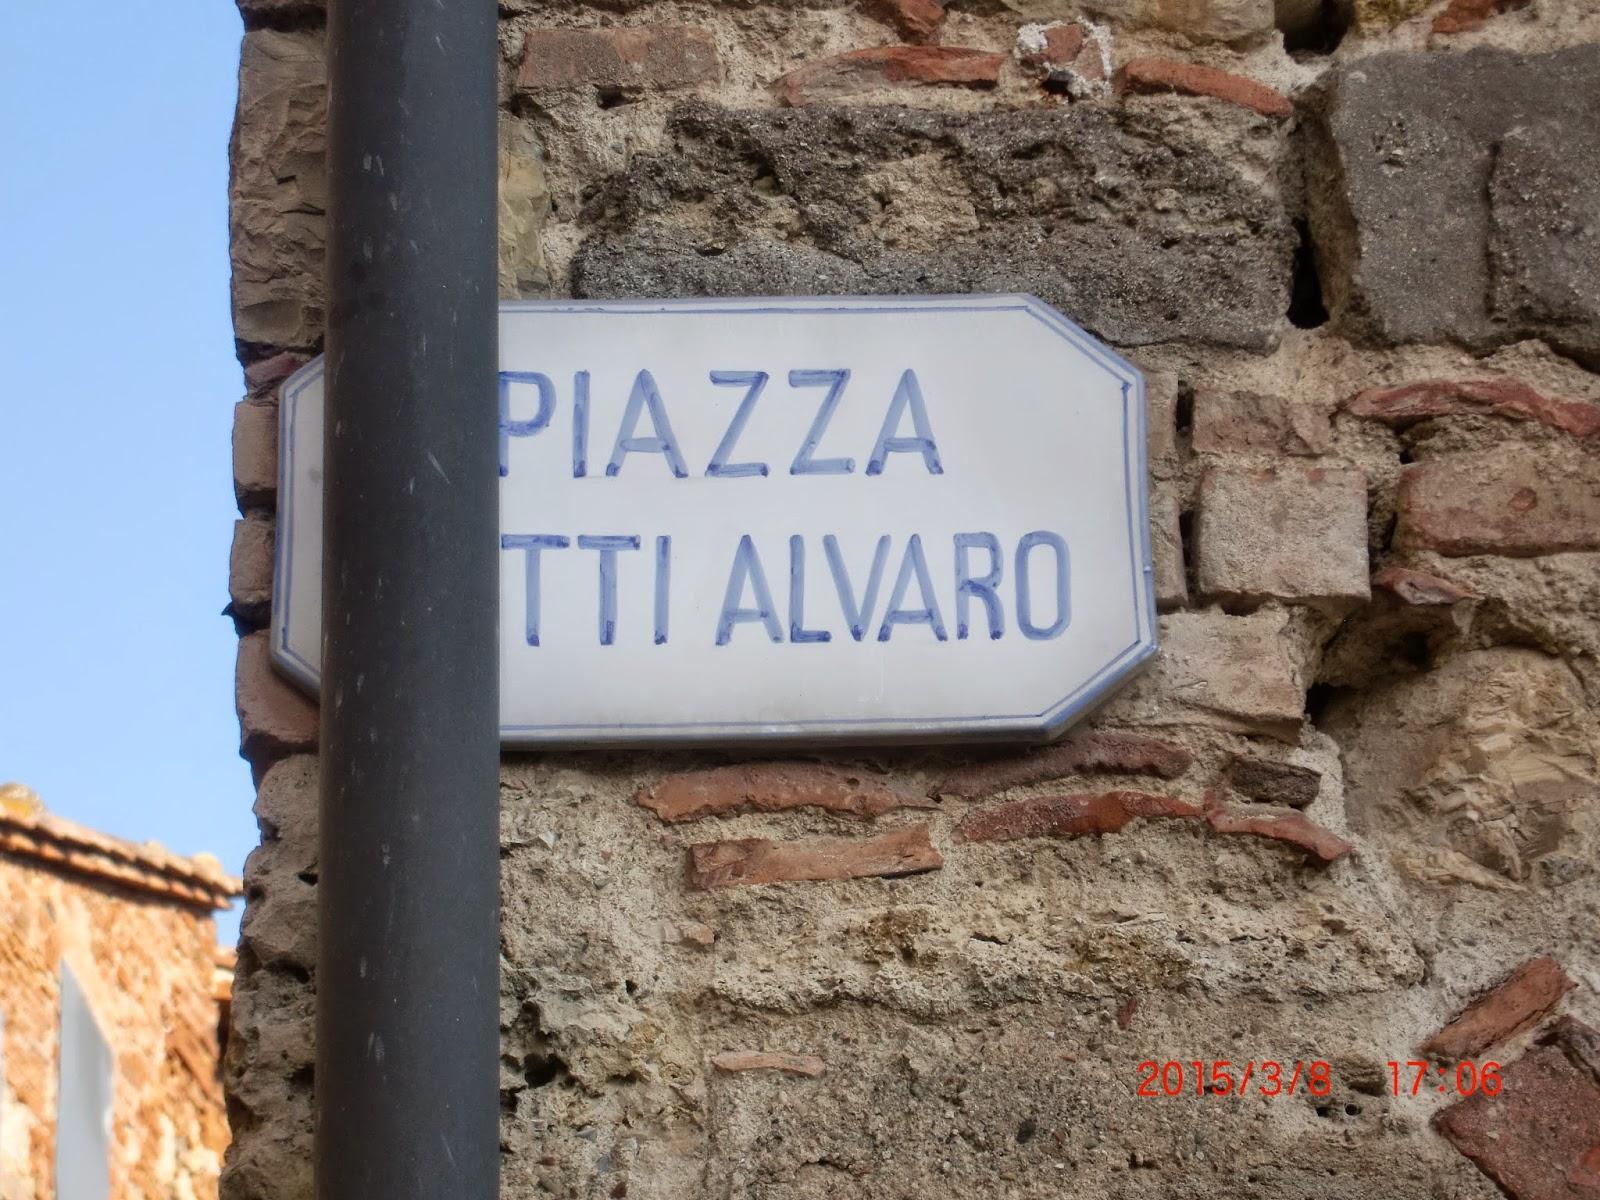 """Una piazza enigmatica di Belforte in realt si tratta di un eroico partigiano caduto in battimento Betti Alvaro nome di battaglia """"Ciocco"""" della XXIII"""